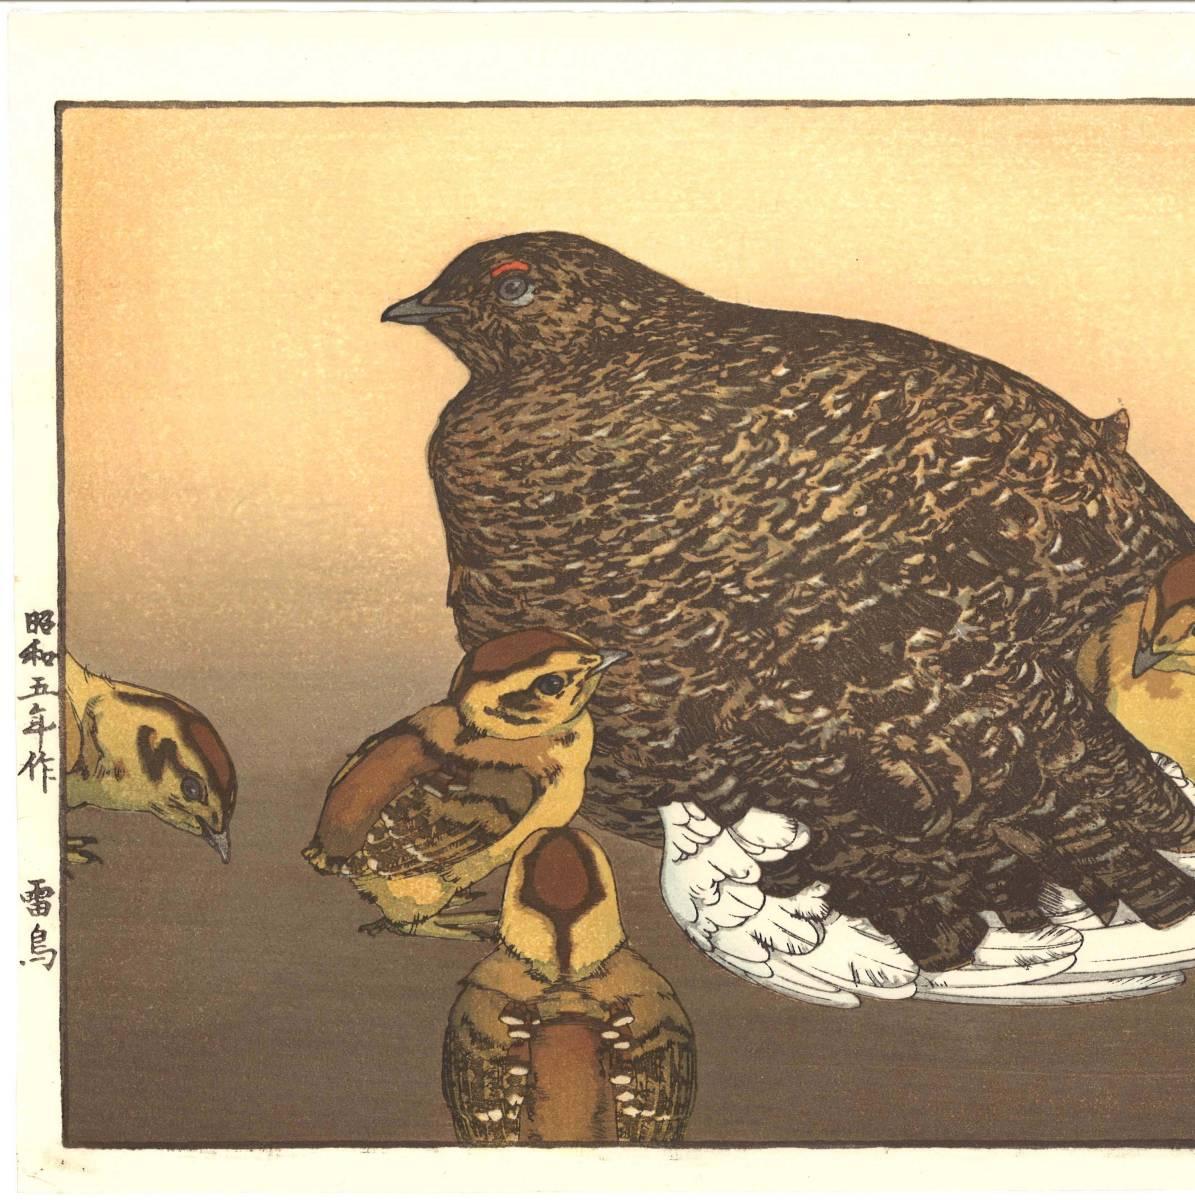 吉田遠志 木版画 013001 雷鳥 (Raicho) 初摺1930年 初期の頃の作品!!  最高峰の摺師の技をご堪能下さい!!_画像2